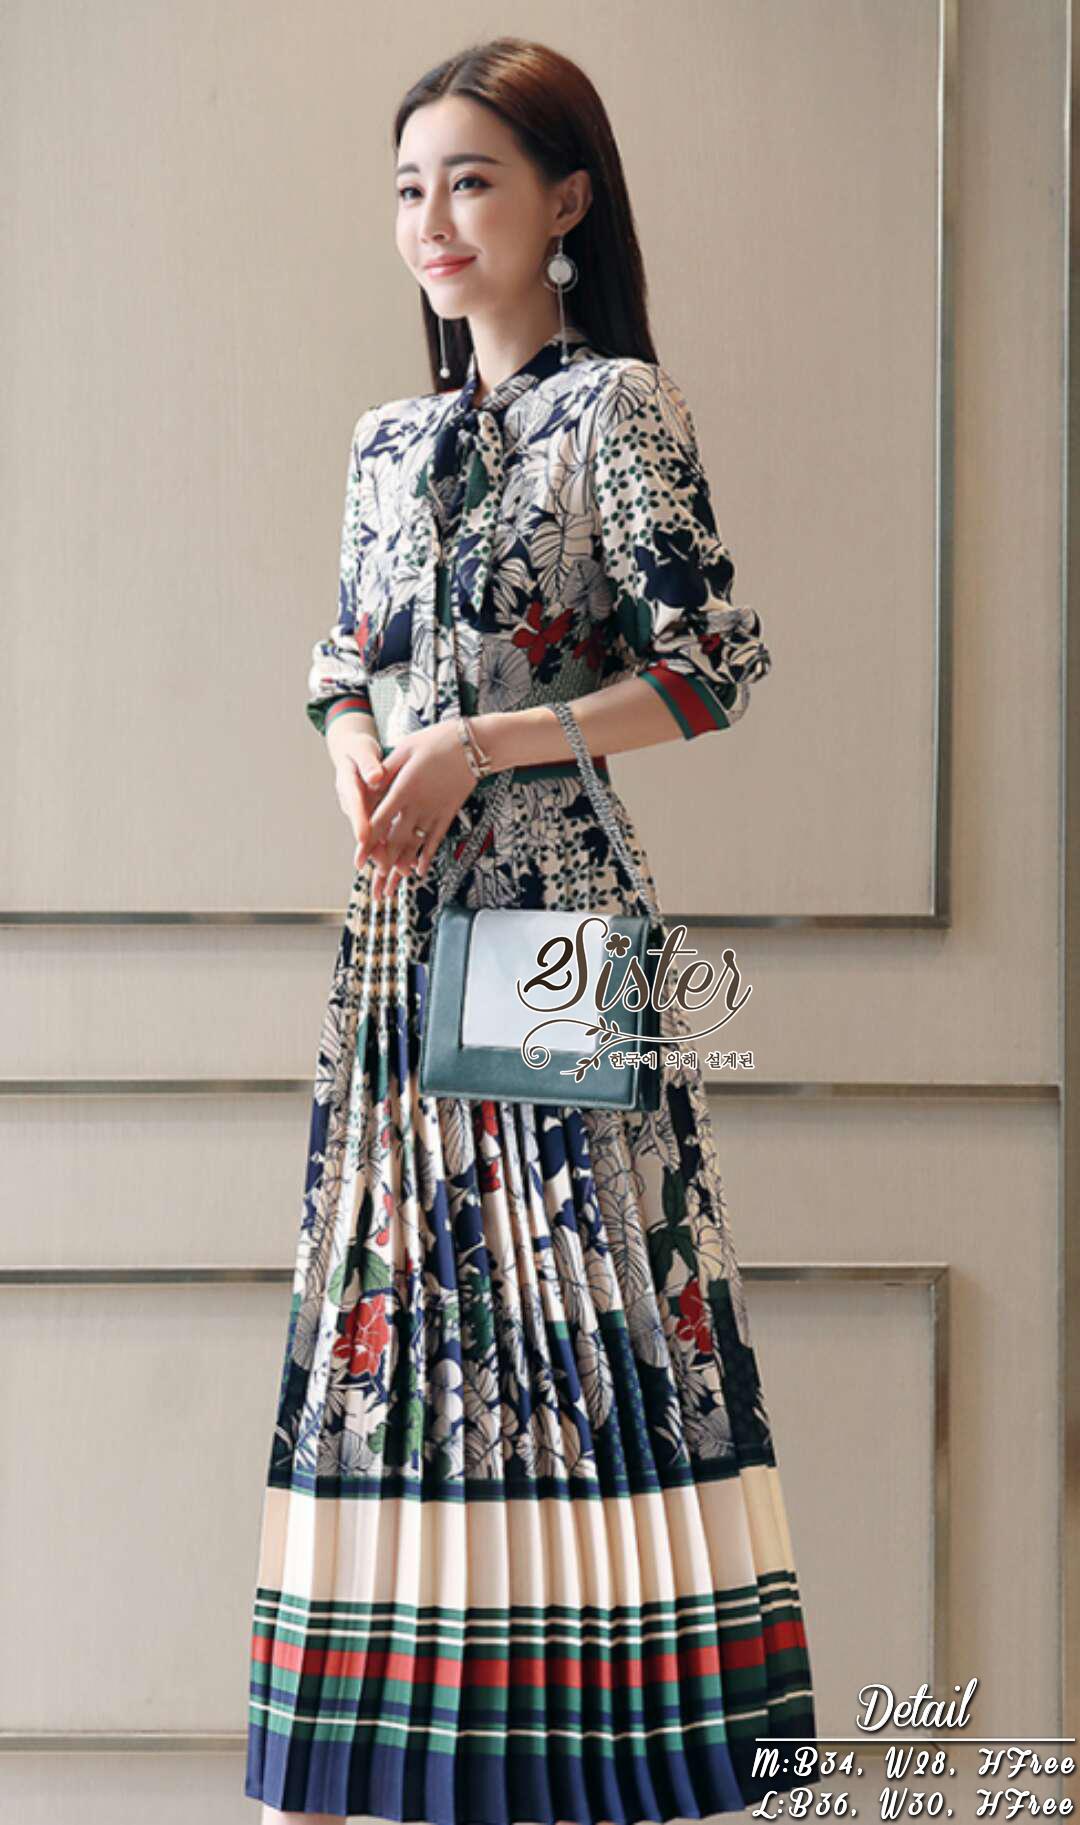 เดรสแฟชั่น เดรสยาวลุคสวยหรูผู้ดีสไตล์แบรนด์ดัง เนื้อผ้าพลิ้วใส่สบาย พิมพ์ลายสวยหรู